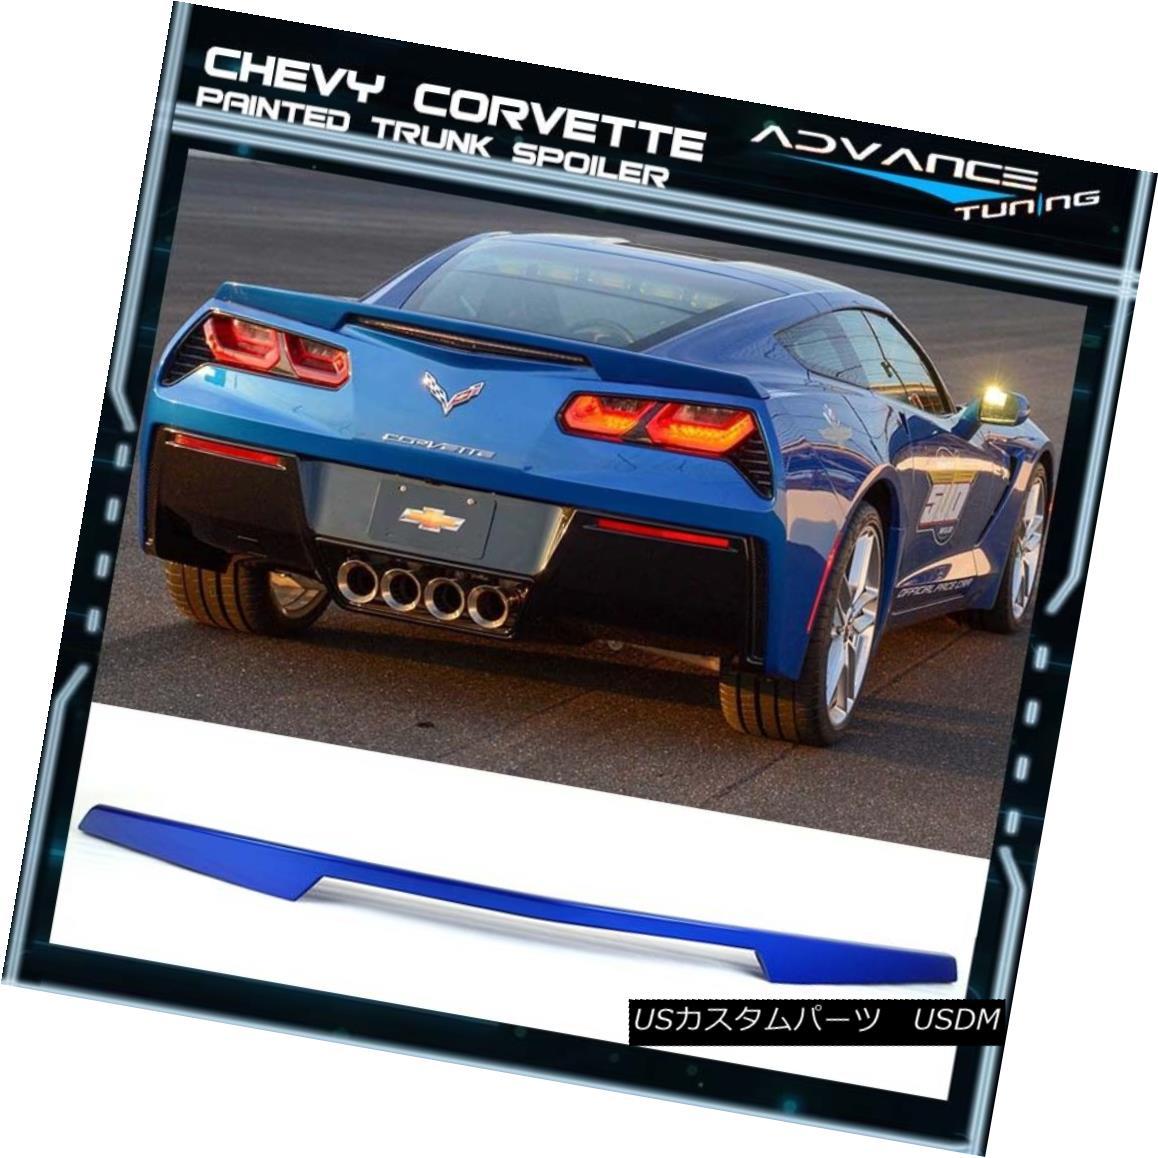 エアロパーツ 14-18 Corvette C7 Trunk Spoiler Painted Blue My Mind Metallic # WA135X 14-18コルベットC7トランク・スポイラー・ペインテッド・ブルー・マイ・マインド・メタリック#WA135X